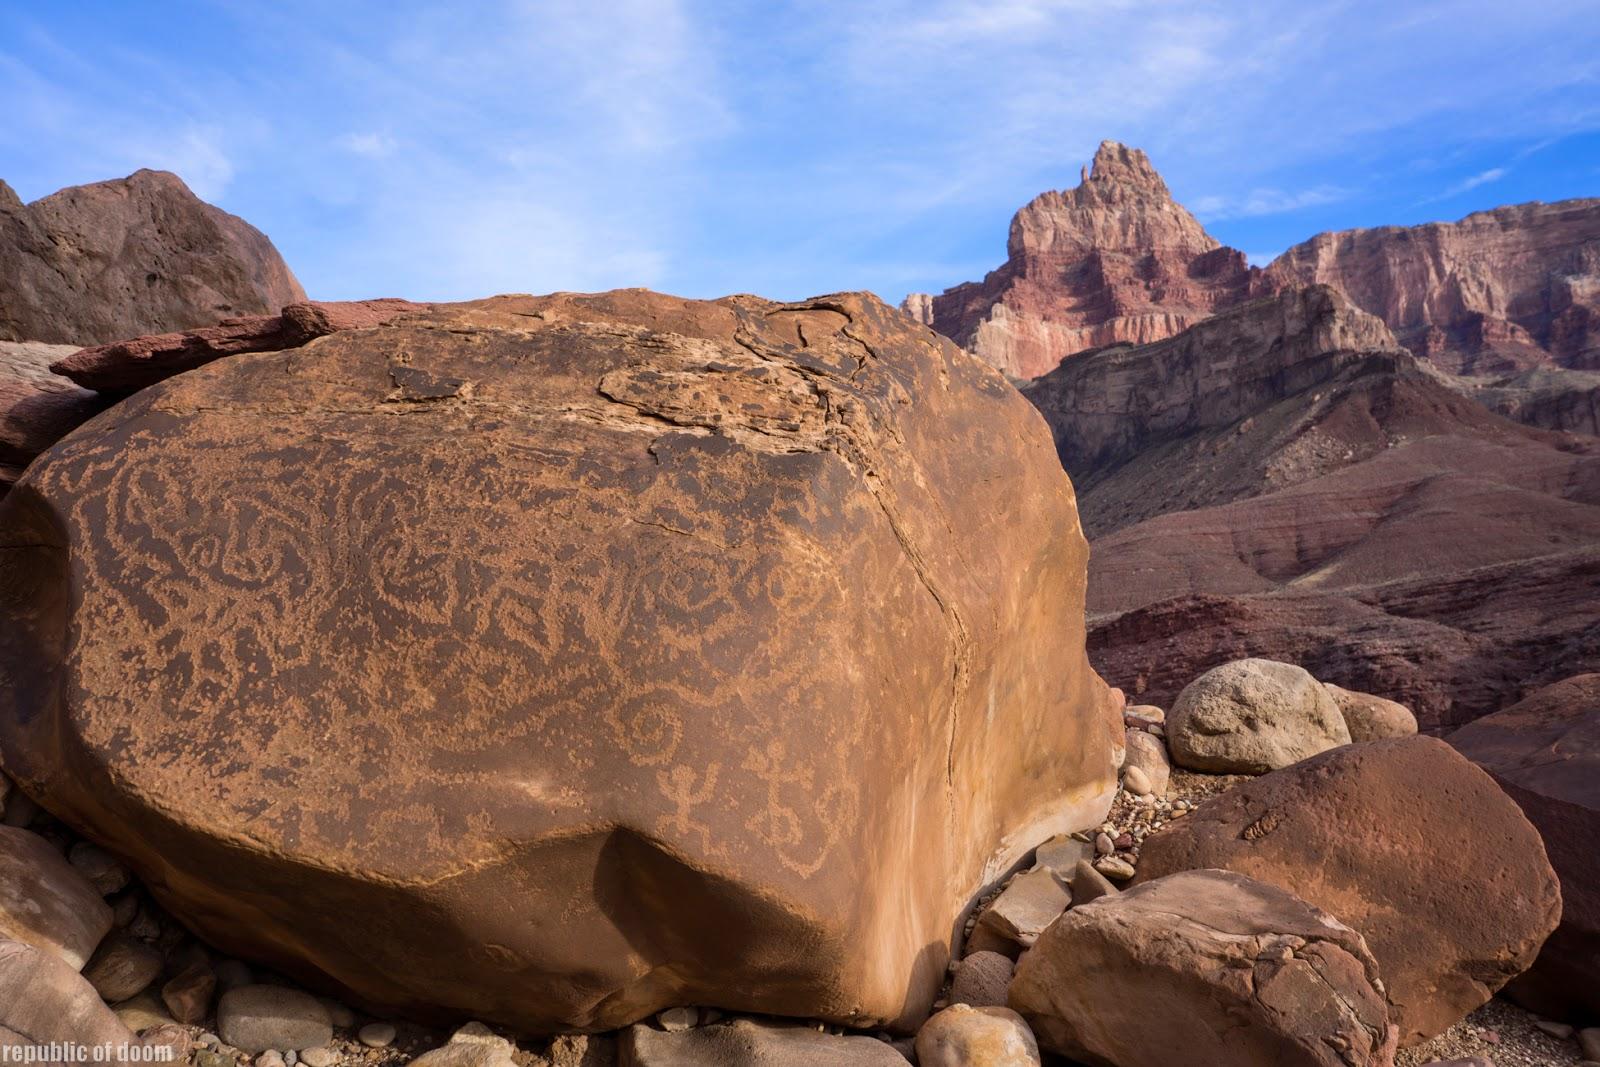 Камень с письменами